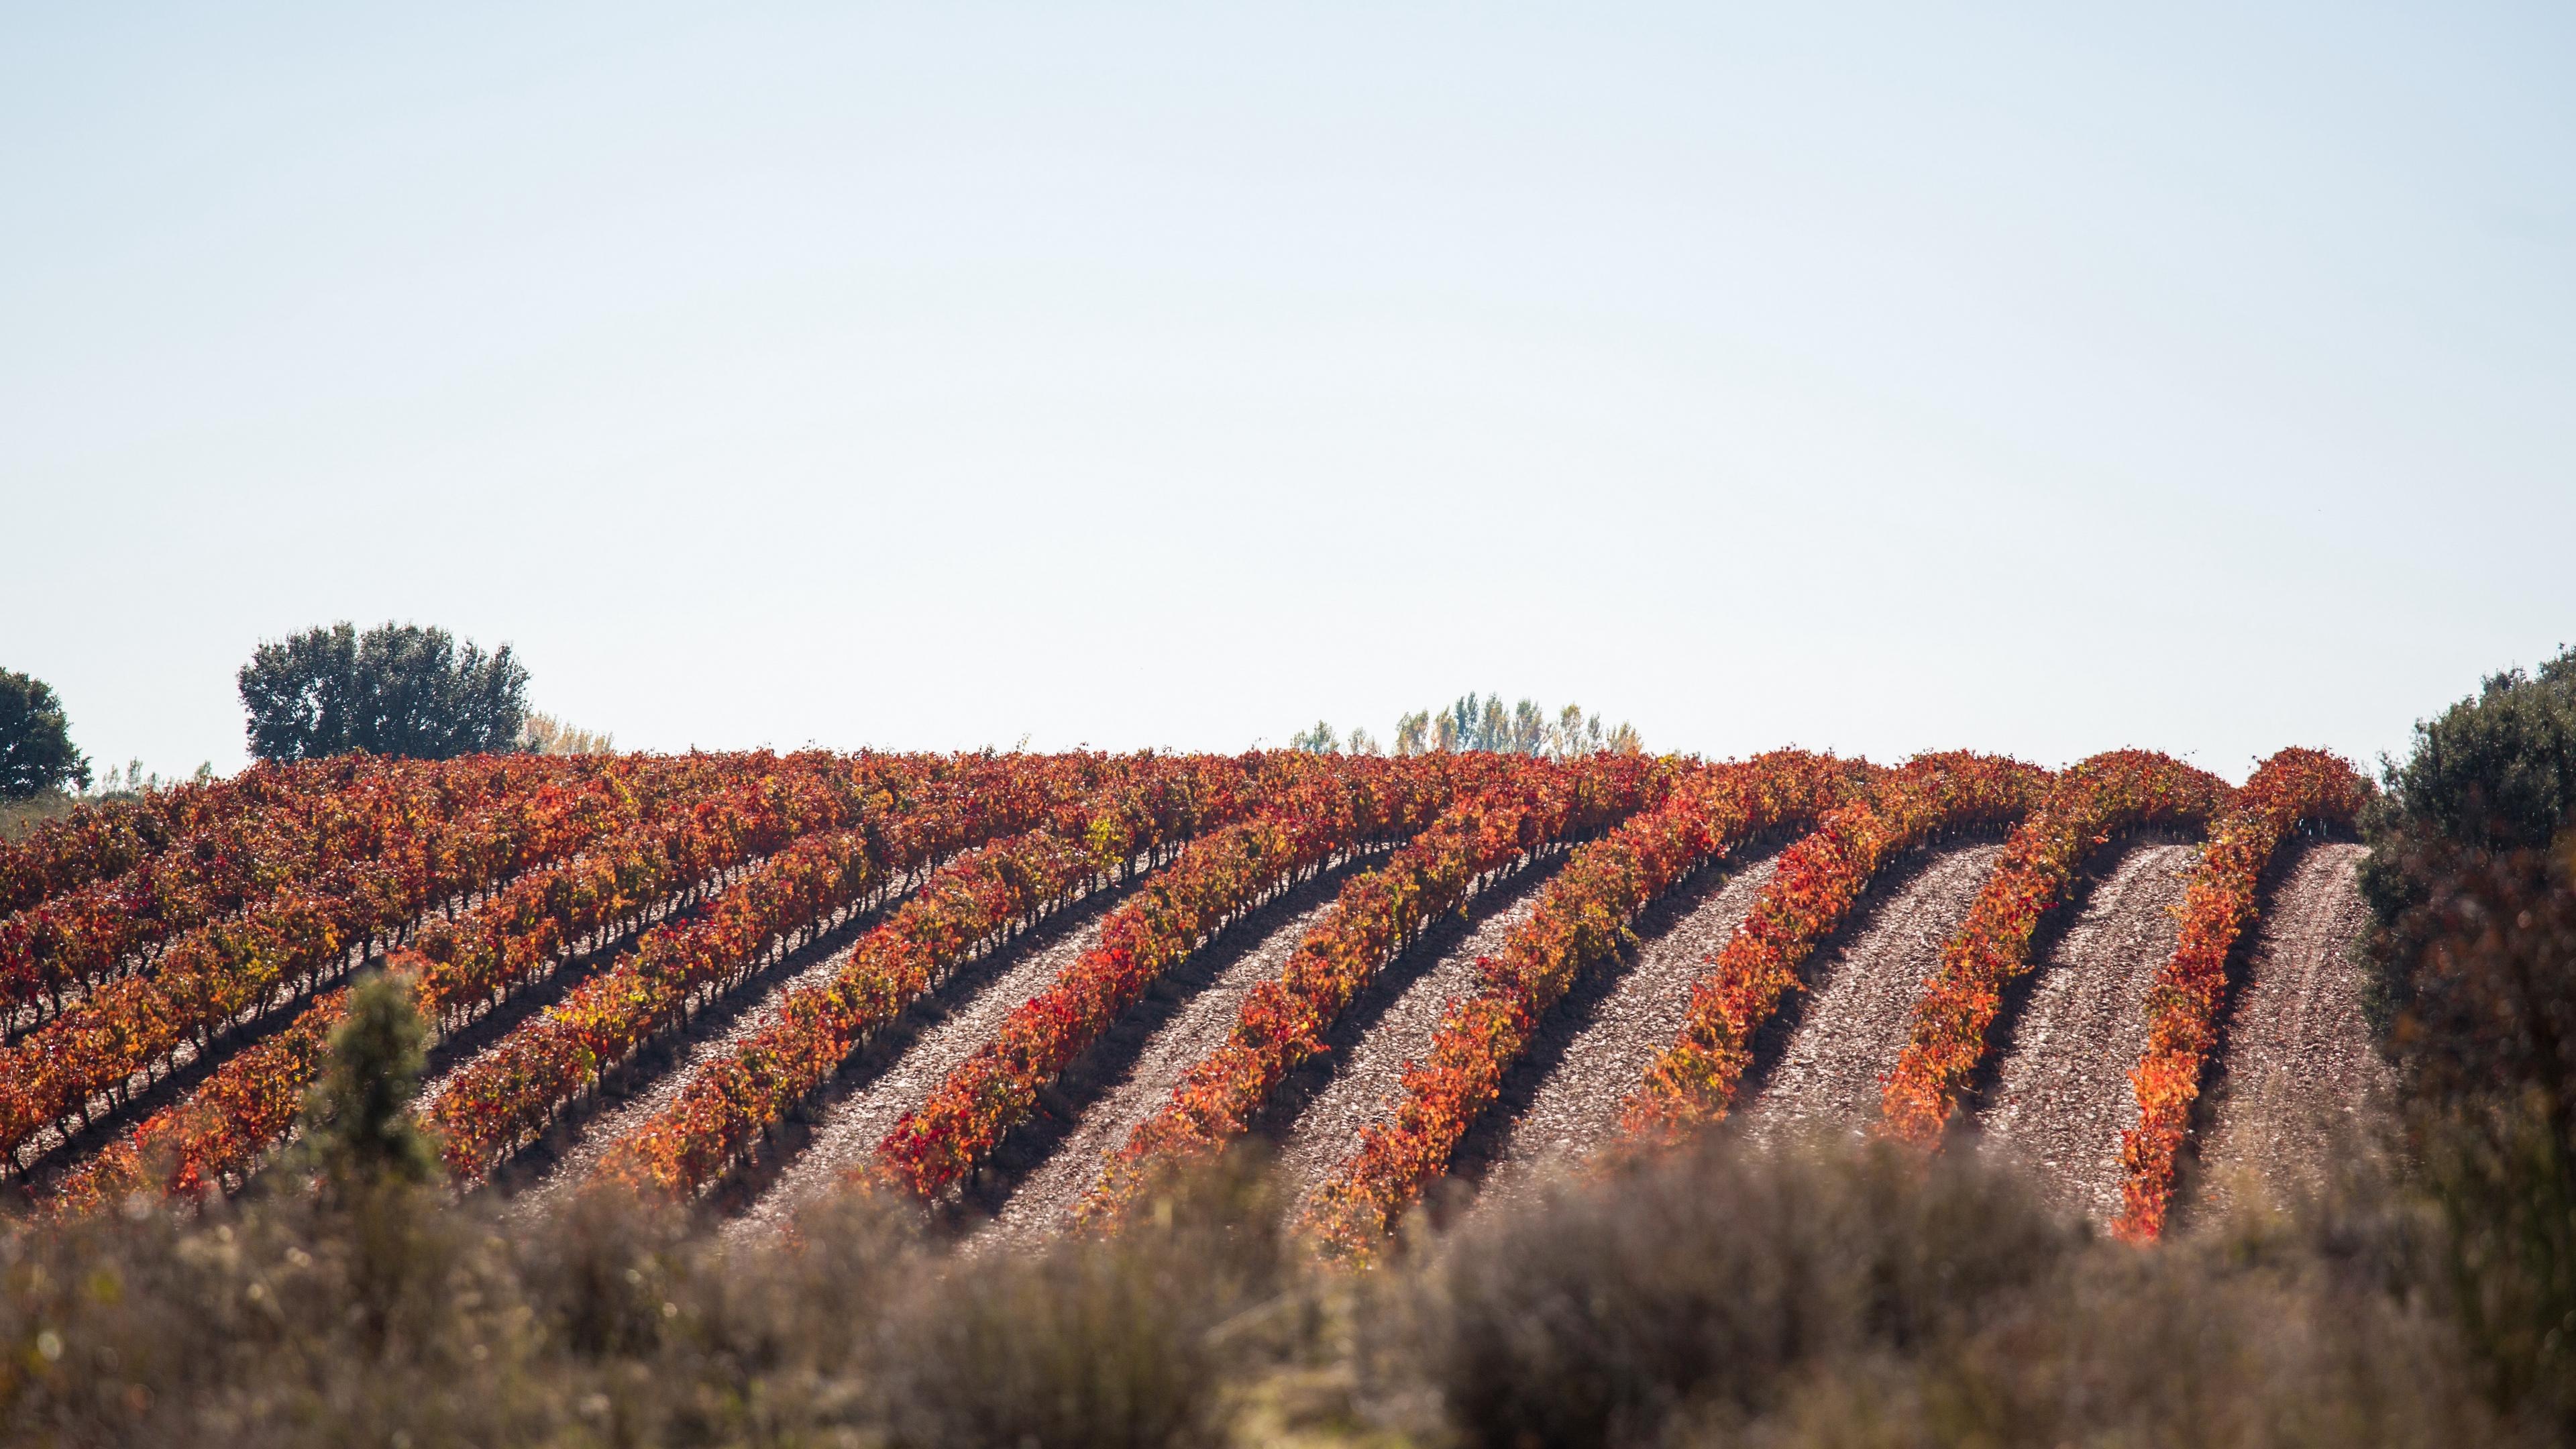 grape vine field landscape 4k 1541114001 - grape, vine, field, landscape 4k - vine, grape, Field